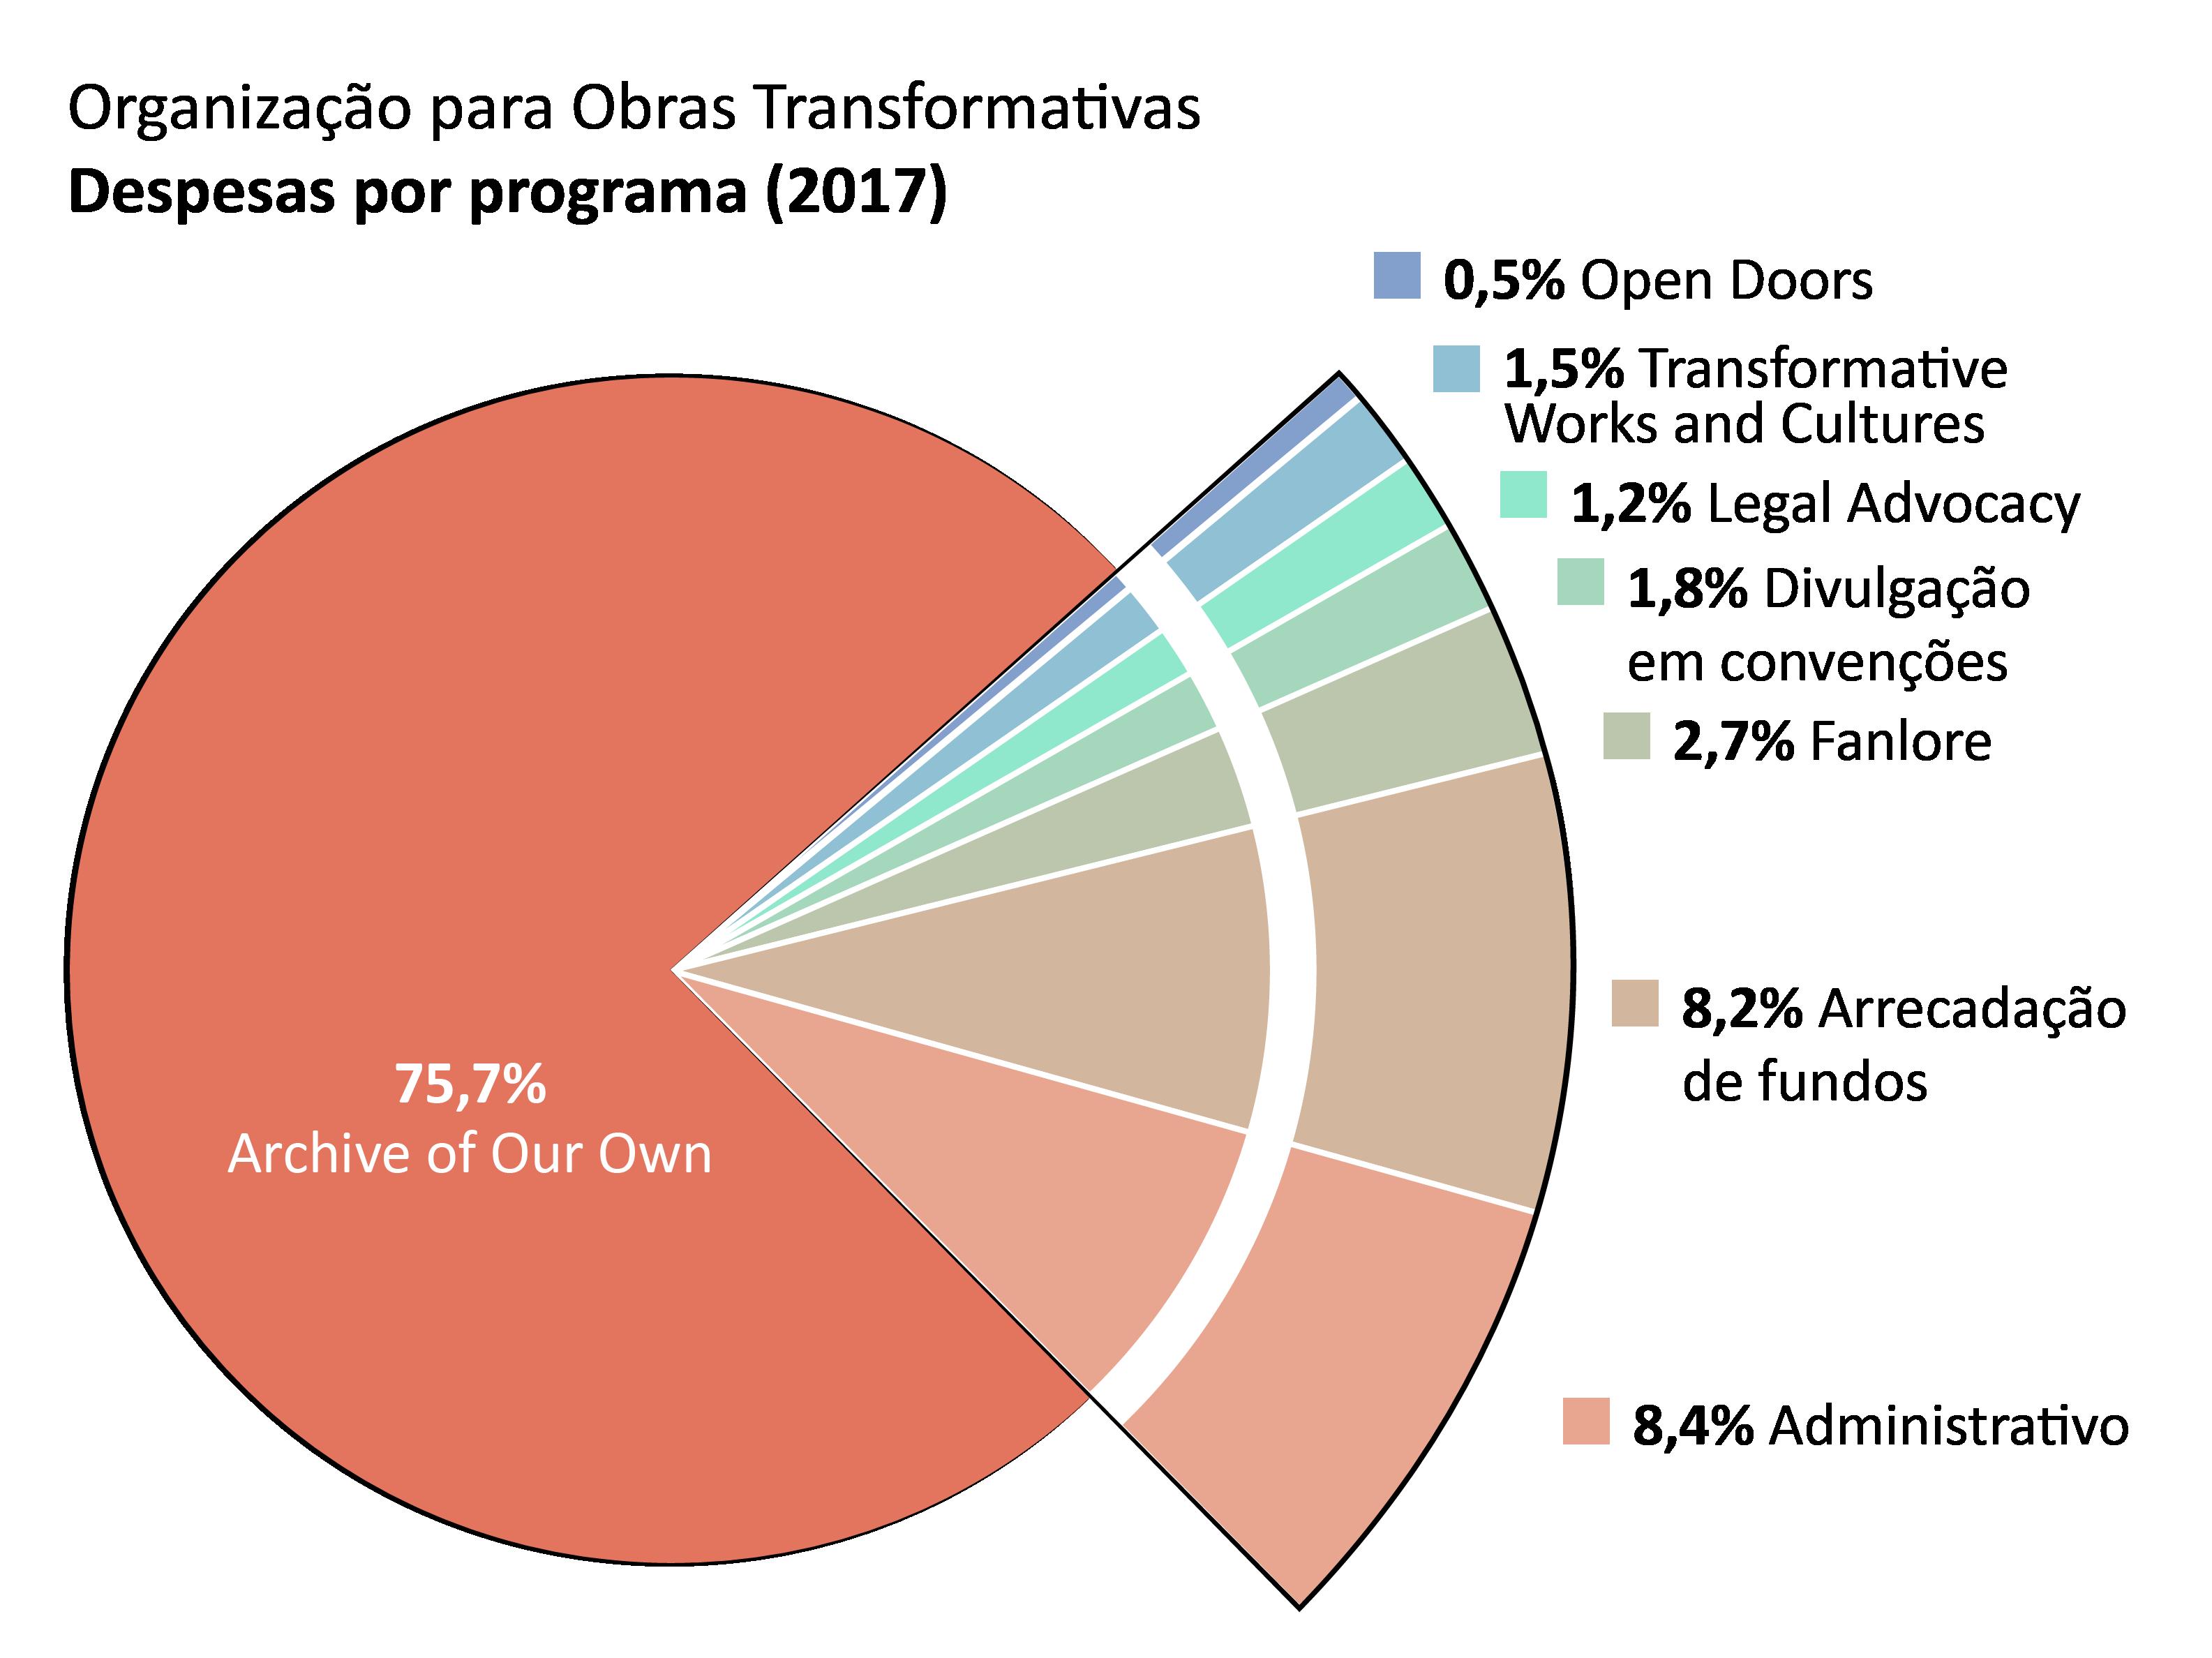 Despesas por programa: Archive of Our Own (Nosso Próprio Arquivo): 75.7%. Open Doors (Portas Abertas): 0.5%. Transformative Works and Cultures (Culturas e Obras Transformativas): 1.5%. Fanlore: 2.7%. Assistência Jurídica: 1.2% Divulgação em convenções: 1.8%. Administrativo: 8.4%. Arrecadação de fundos: 8.2%.